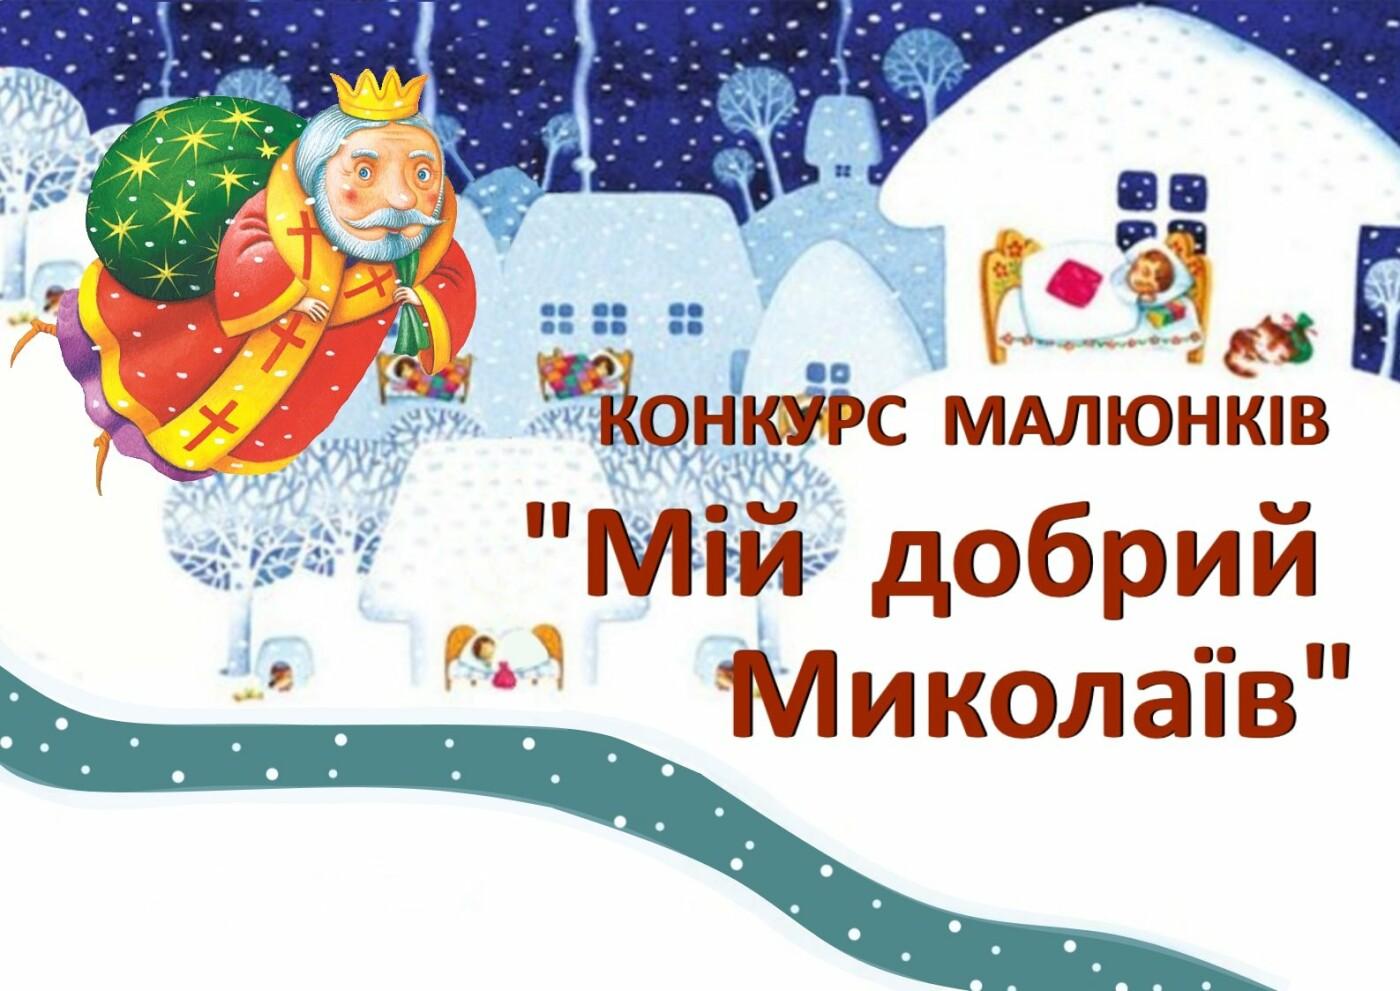 """Маленьким николаевцам за лучший рисунок """"Мой добрый Николаев"""" подарят ценные призы , фото-1"""